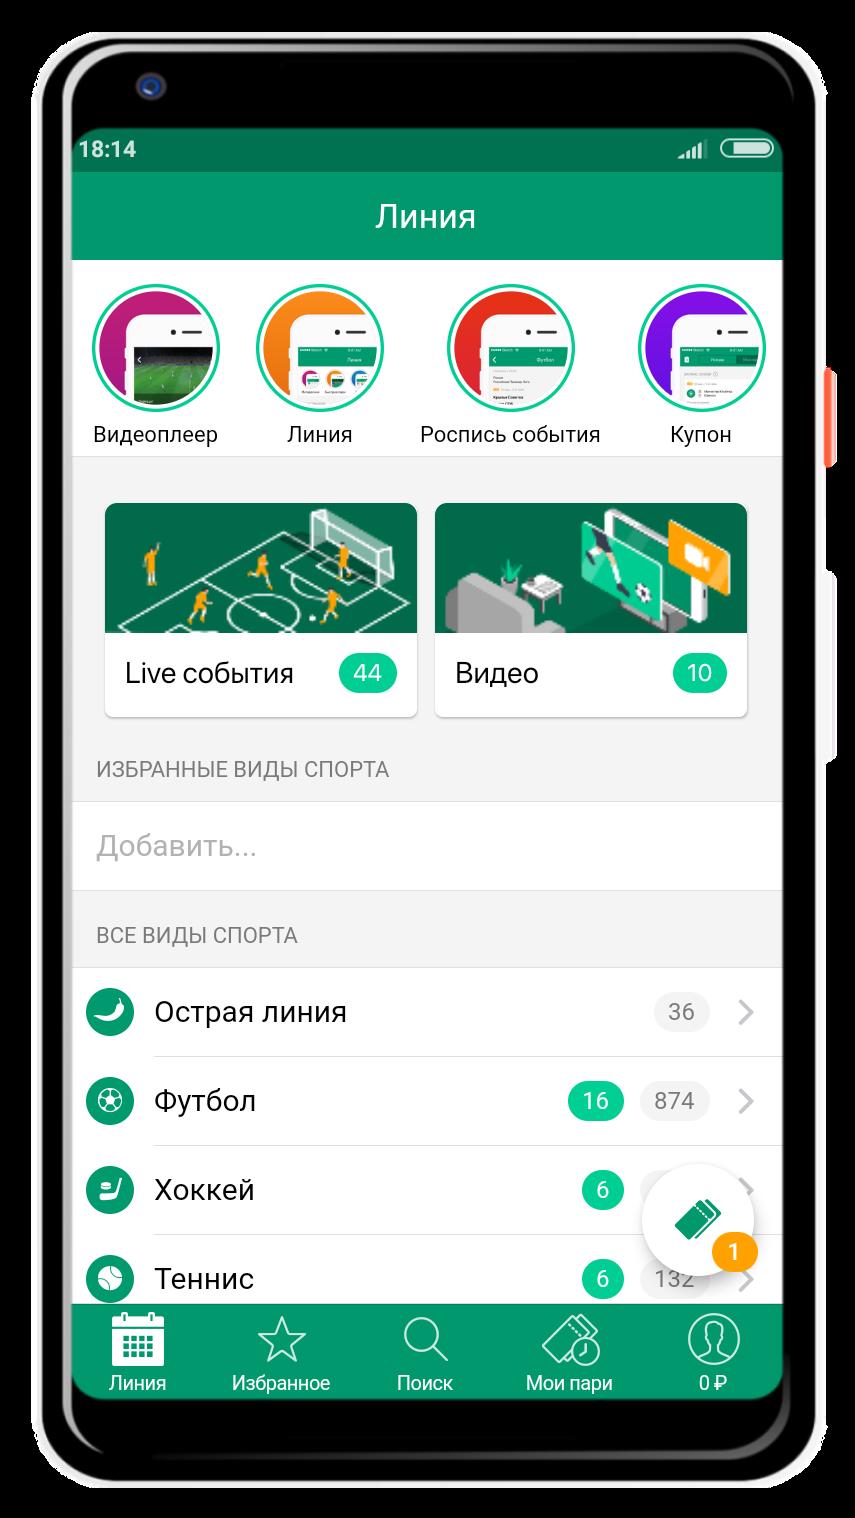 интерфейс приложения на андроид в Лига Ставок